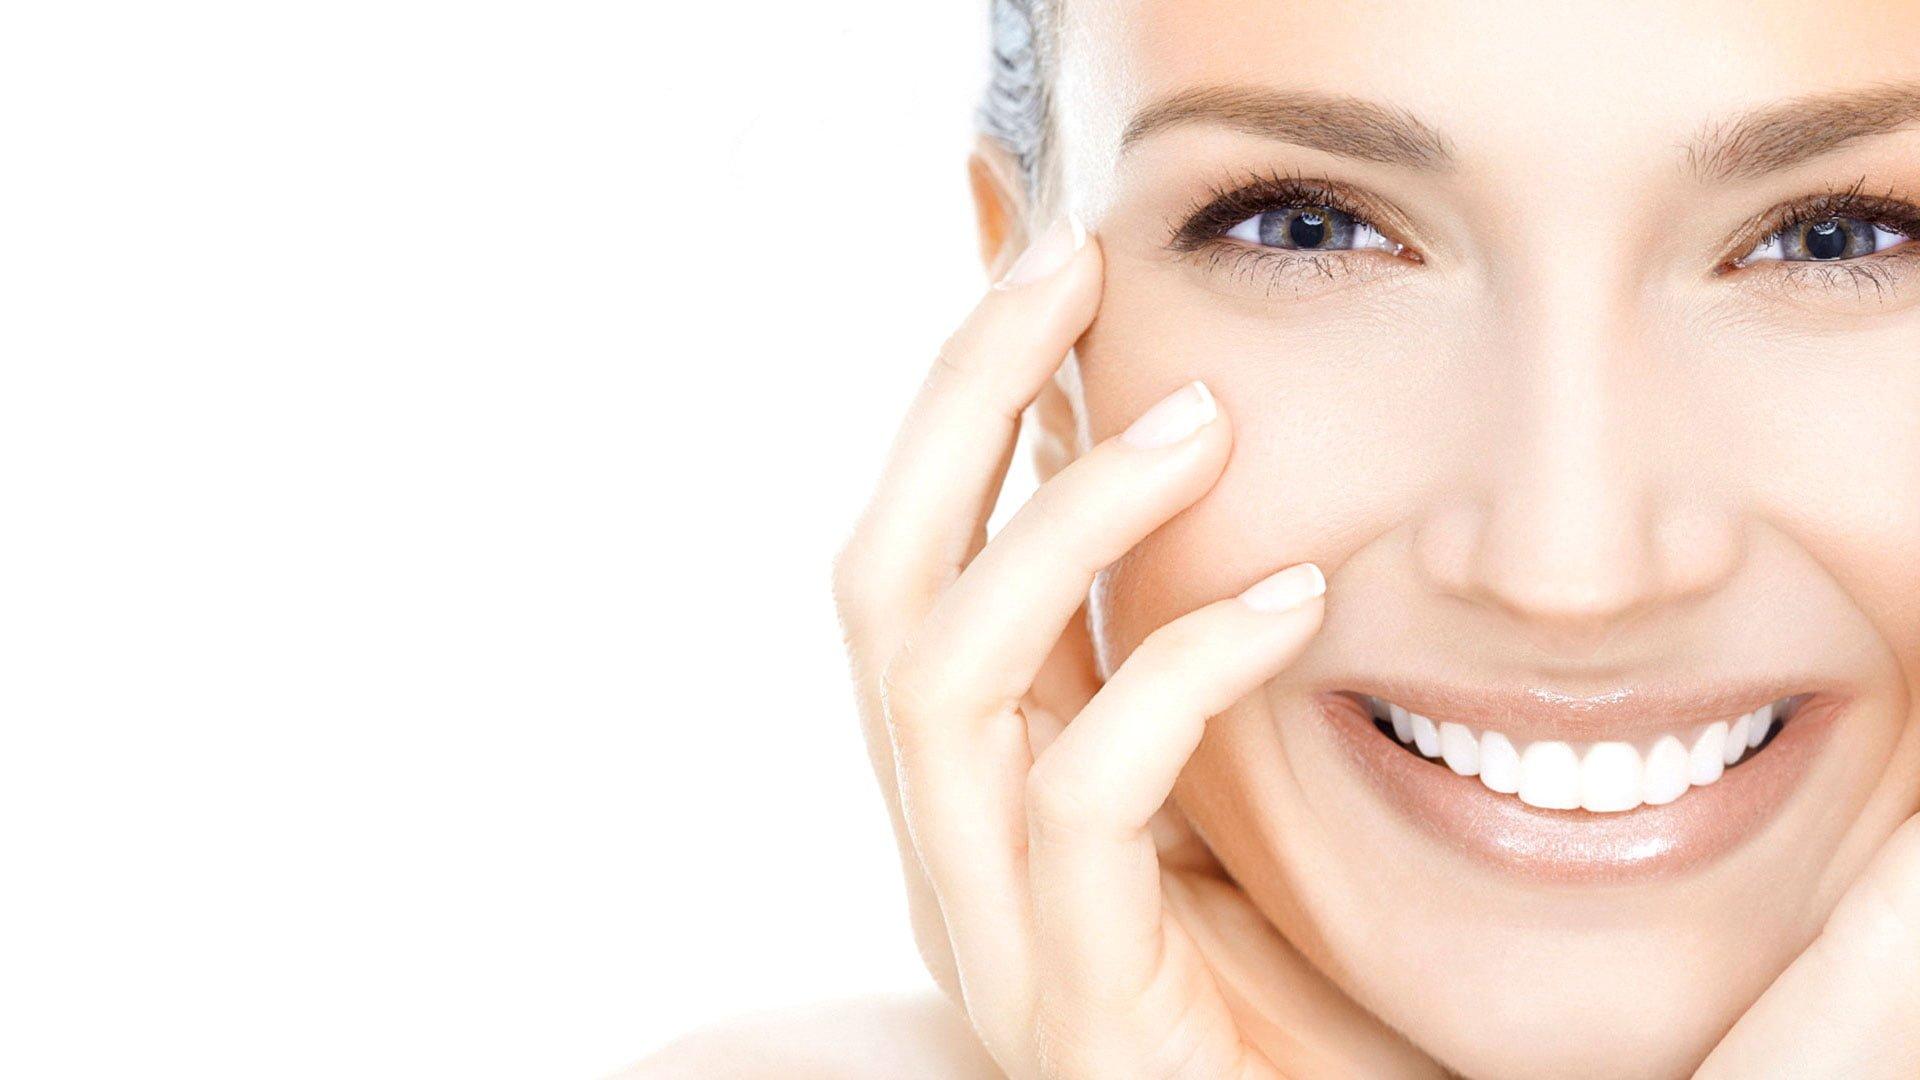 8 نشانه بیماری که همه آنها را میتوان از چهره افراد تشخیص داد